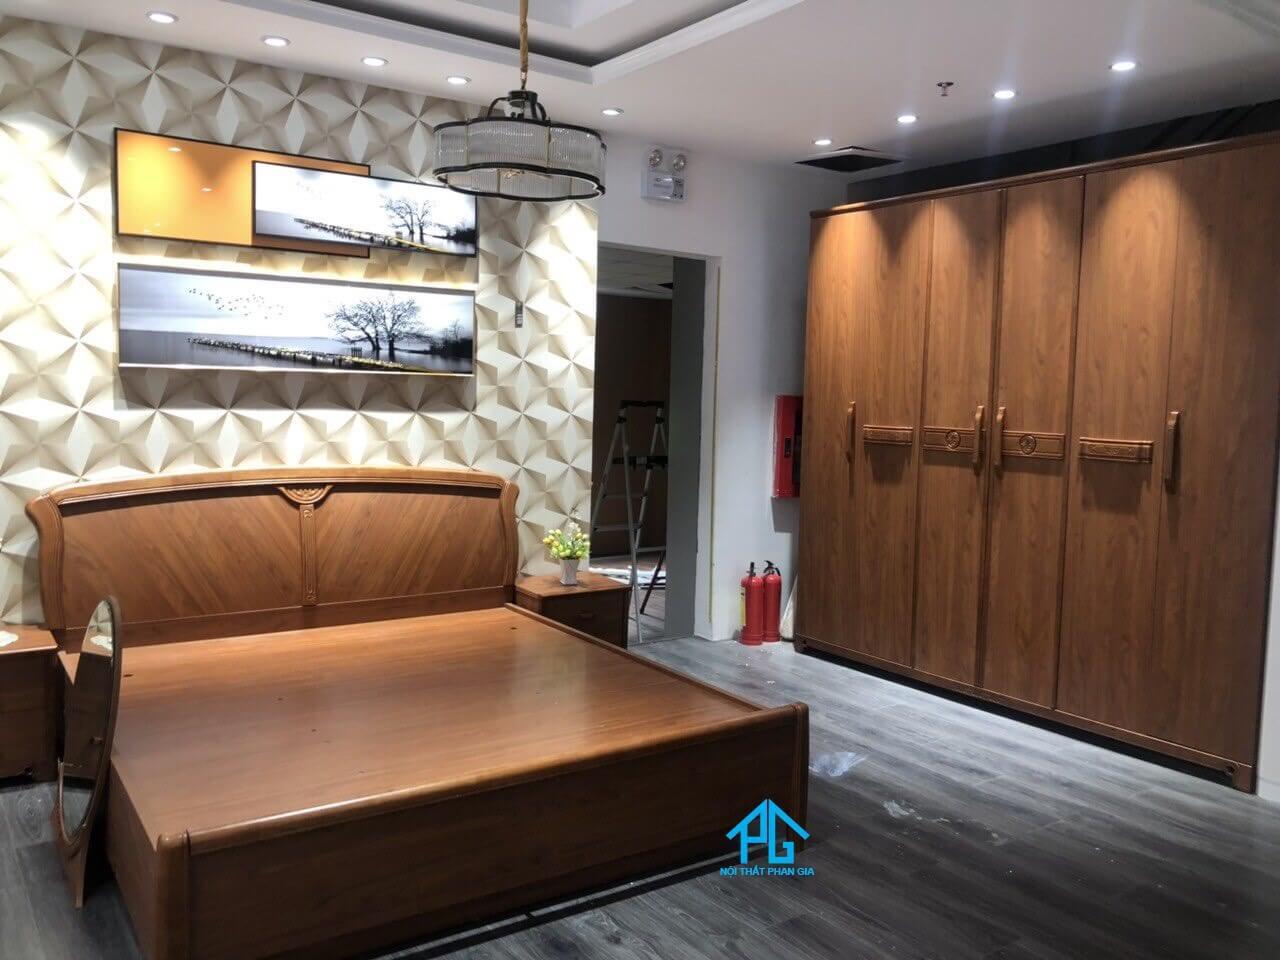 cách chọn mua giường gỗ MDF phù hợp;